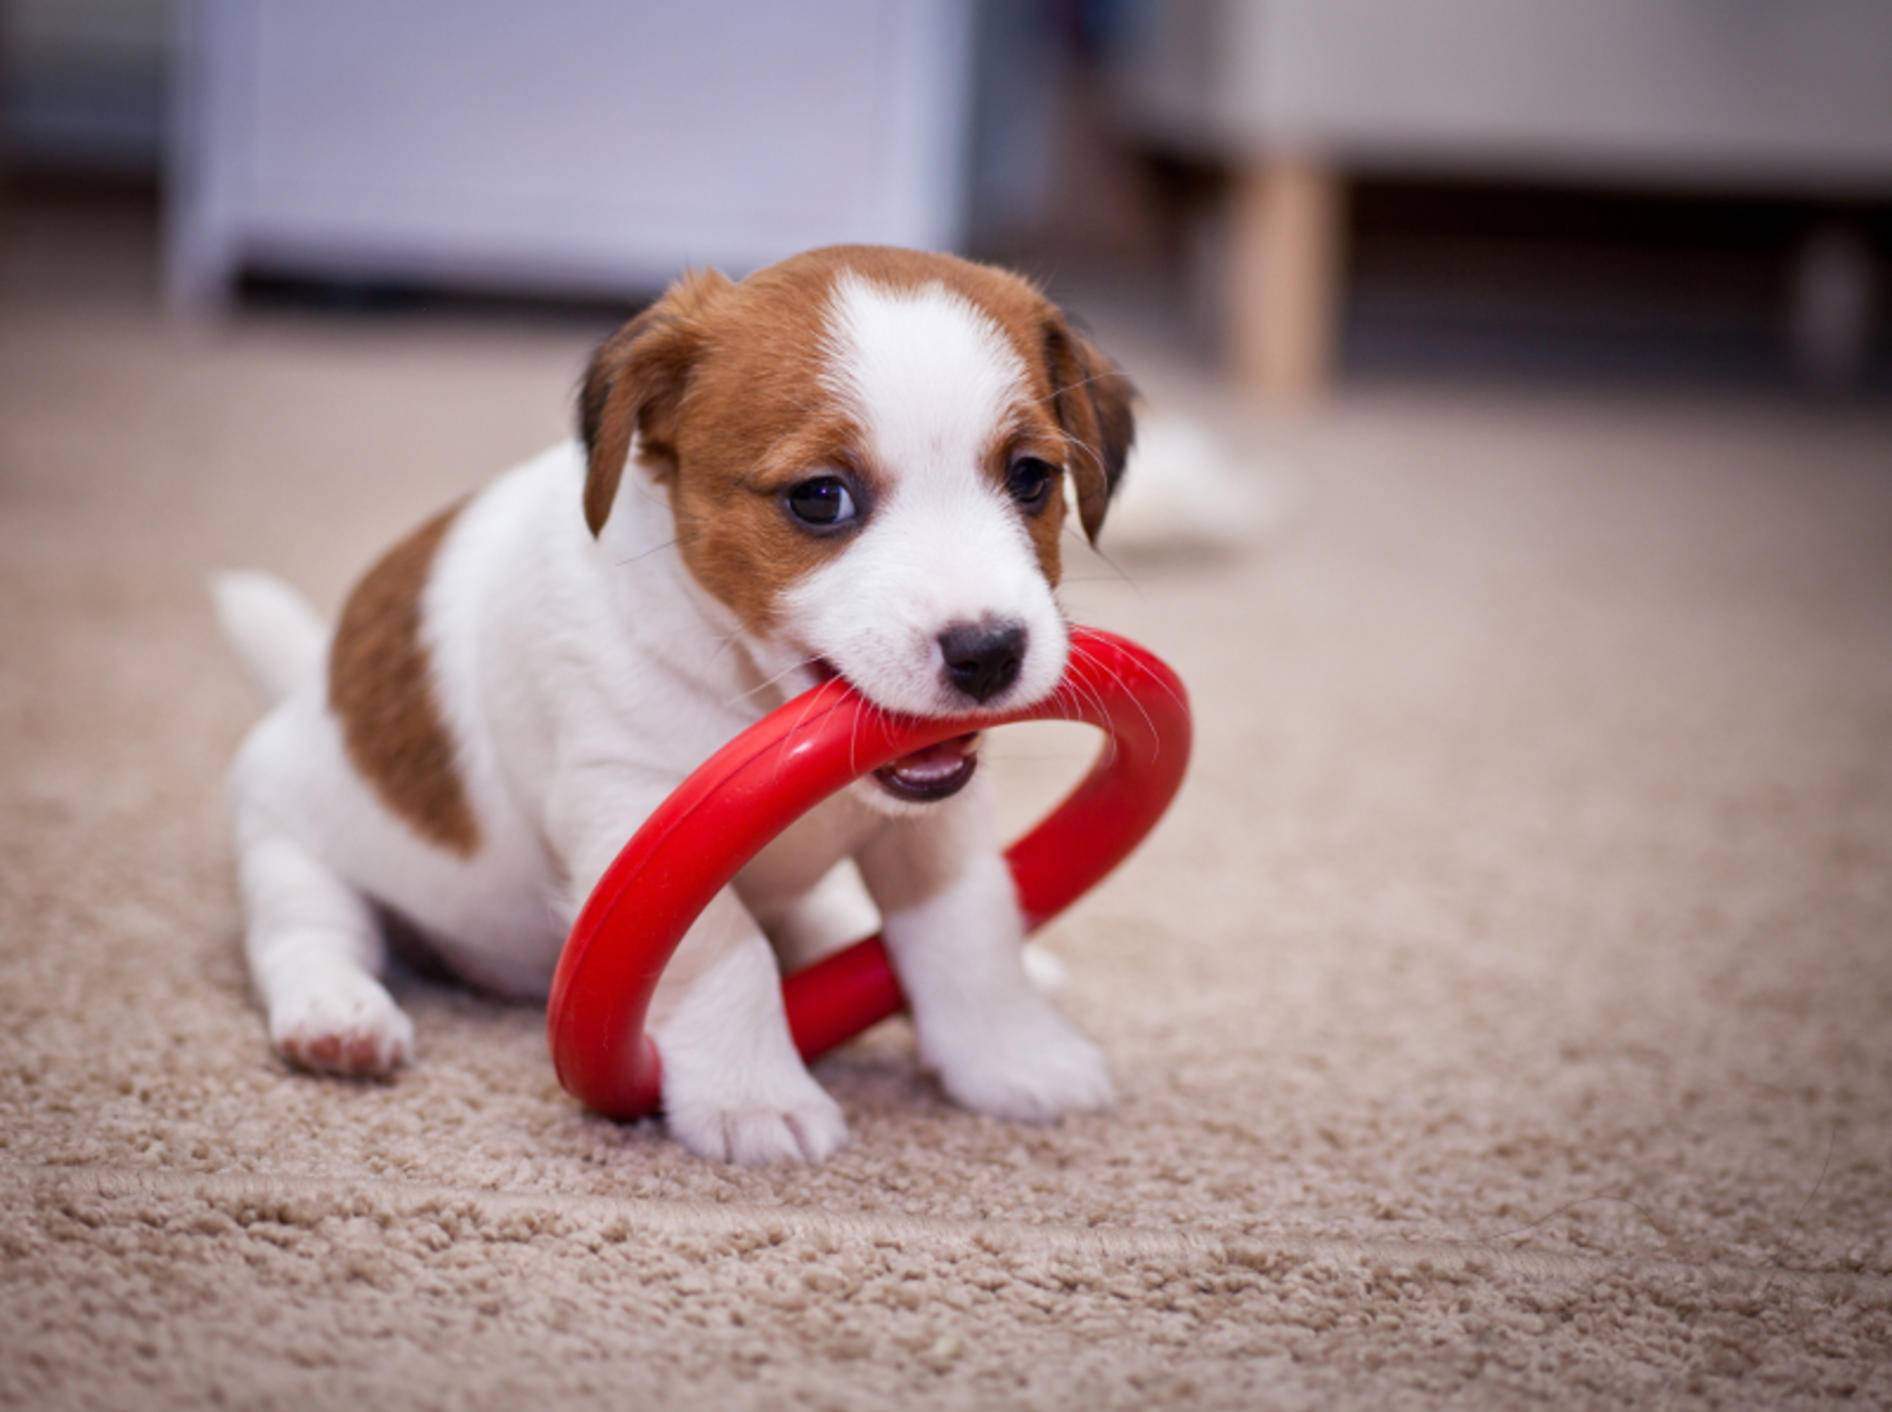 Ein ziemlich großes Spielzeug für so einen kleinen Jack Russell Terrier-Welpen – Bild: Shutterstock / dezi